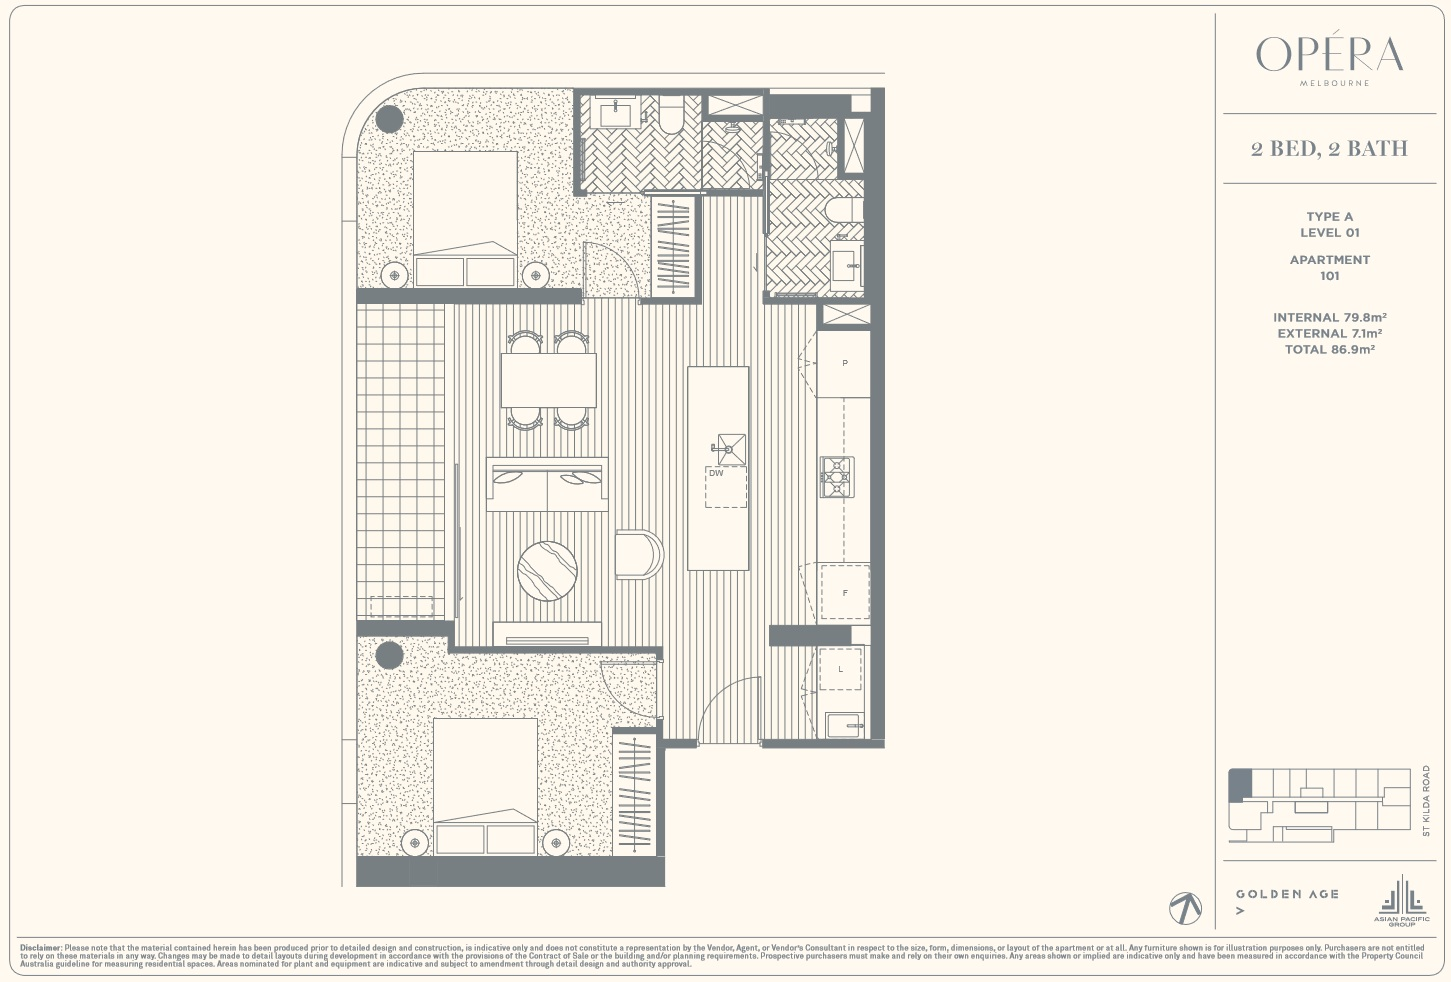 Floor Plan Type A - 2Bed2Bath